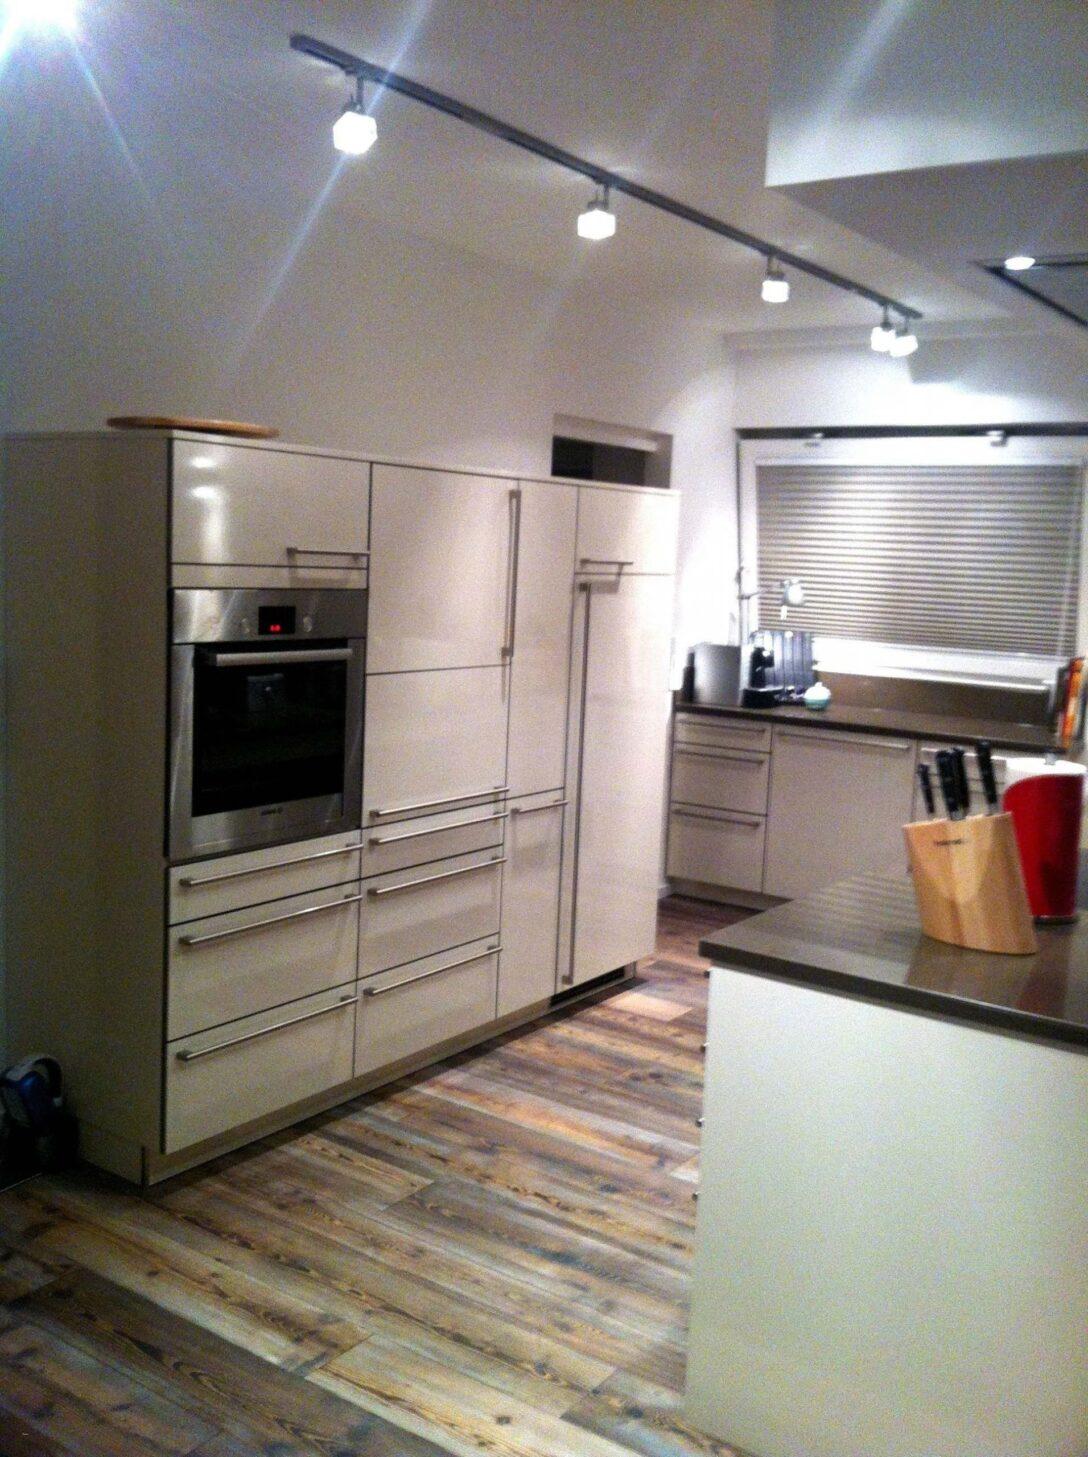 Large Size of 25 Luxus Einbaukche Mit Viel Stauraum Kitchen Aluminium Bad Hängeschrank Weiß Hochglanz Badezimmer Küche Höhe Glastüren Wohnzimmer Nolte Schlafzimmer Wohnzimmer Nolte Hängeschrank